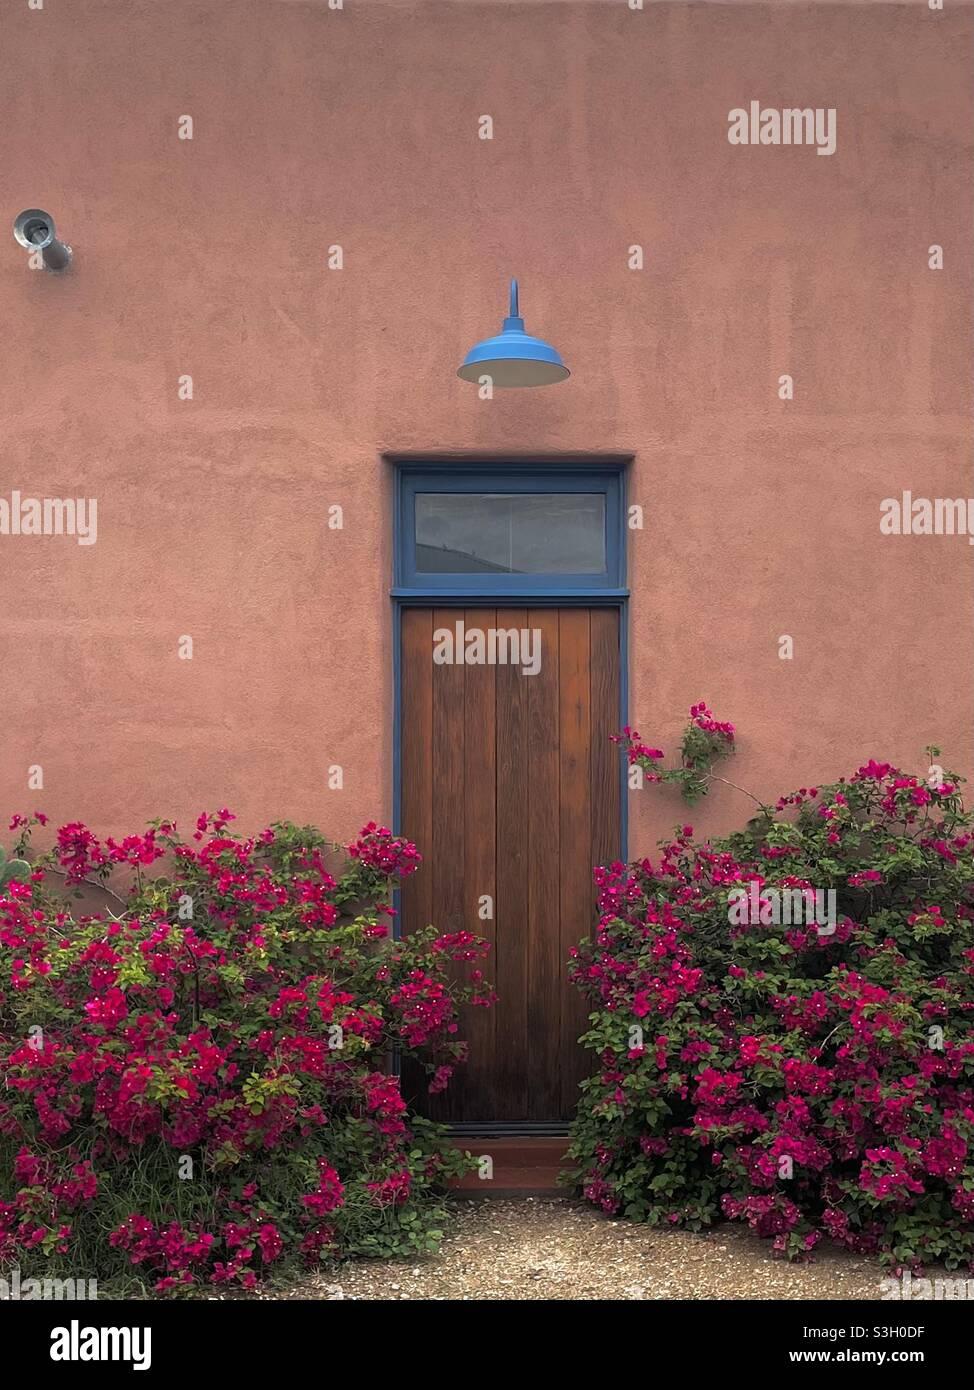 Aufgenommen mit dem iPhone 12 im Barrio Viejo, Tucson, AZ. Stockfoto